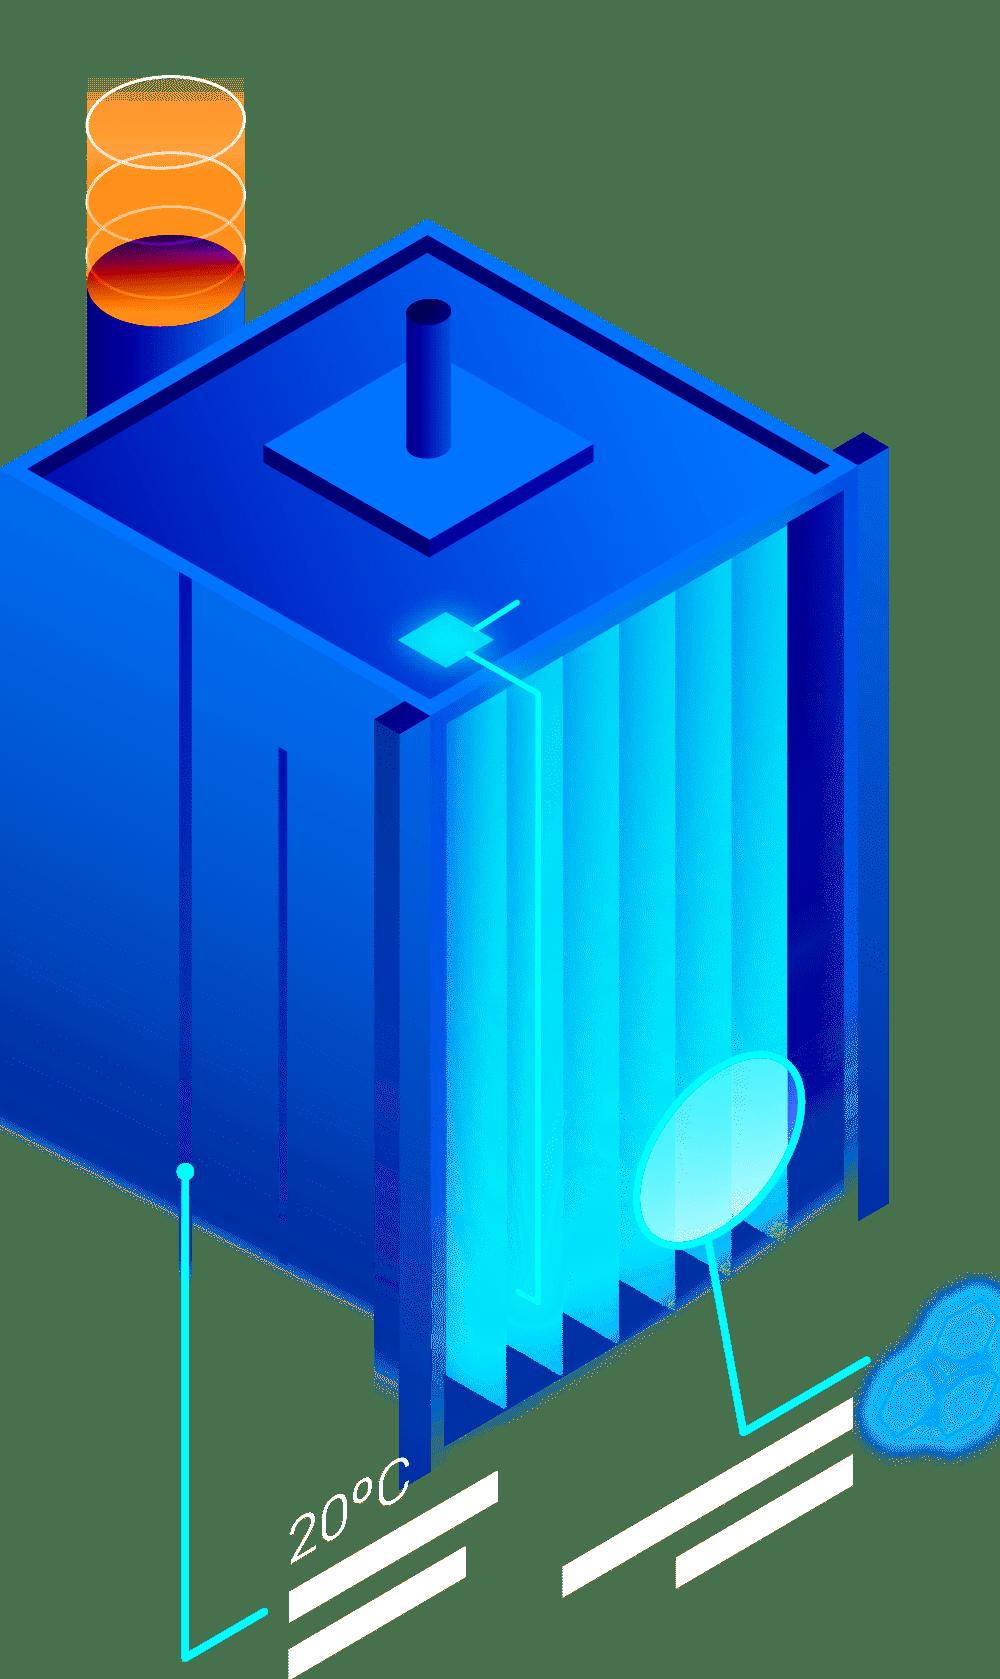 HVAC Unit Animated Graphic